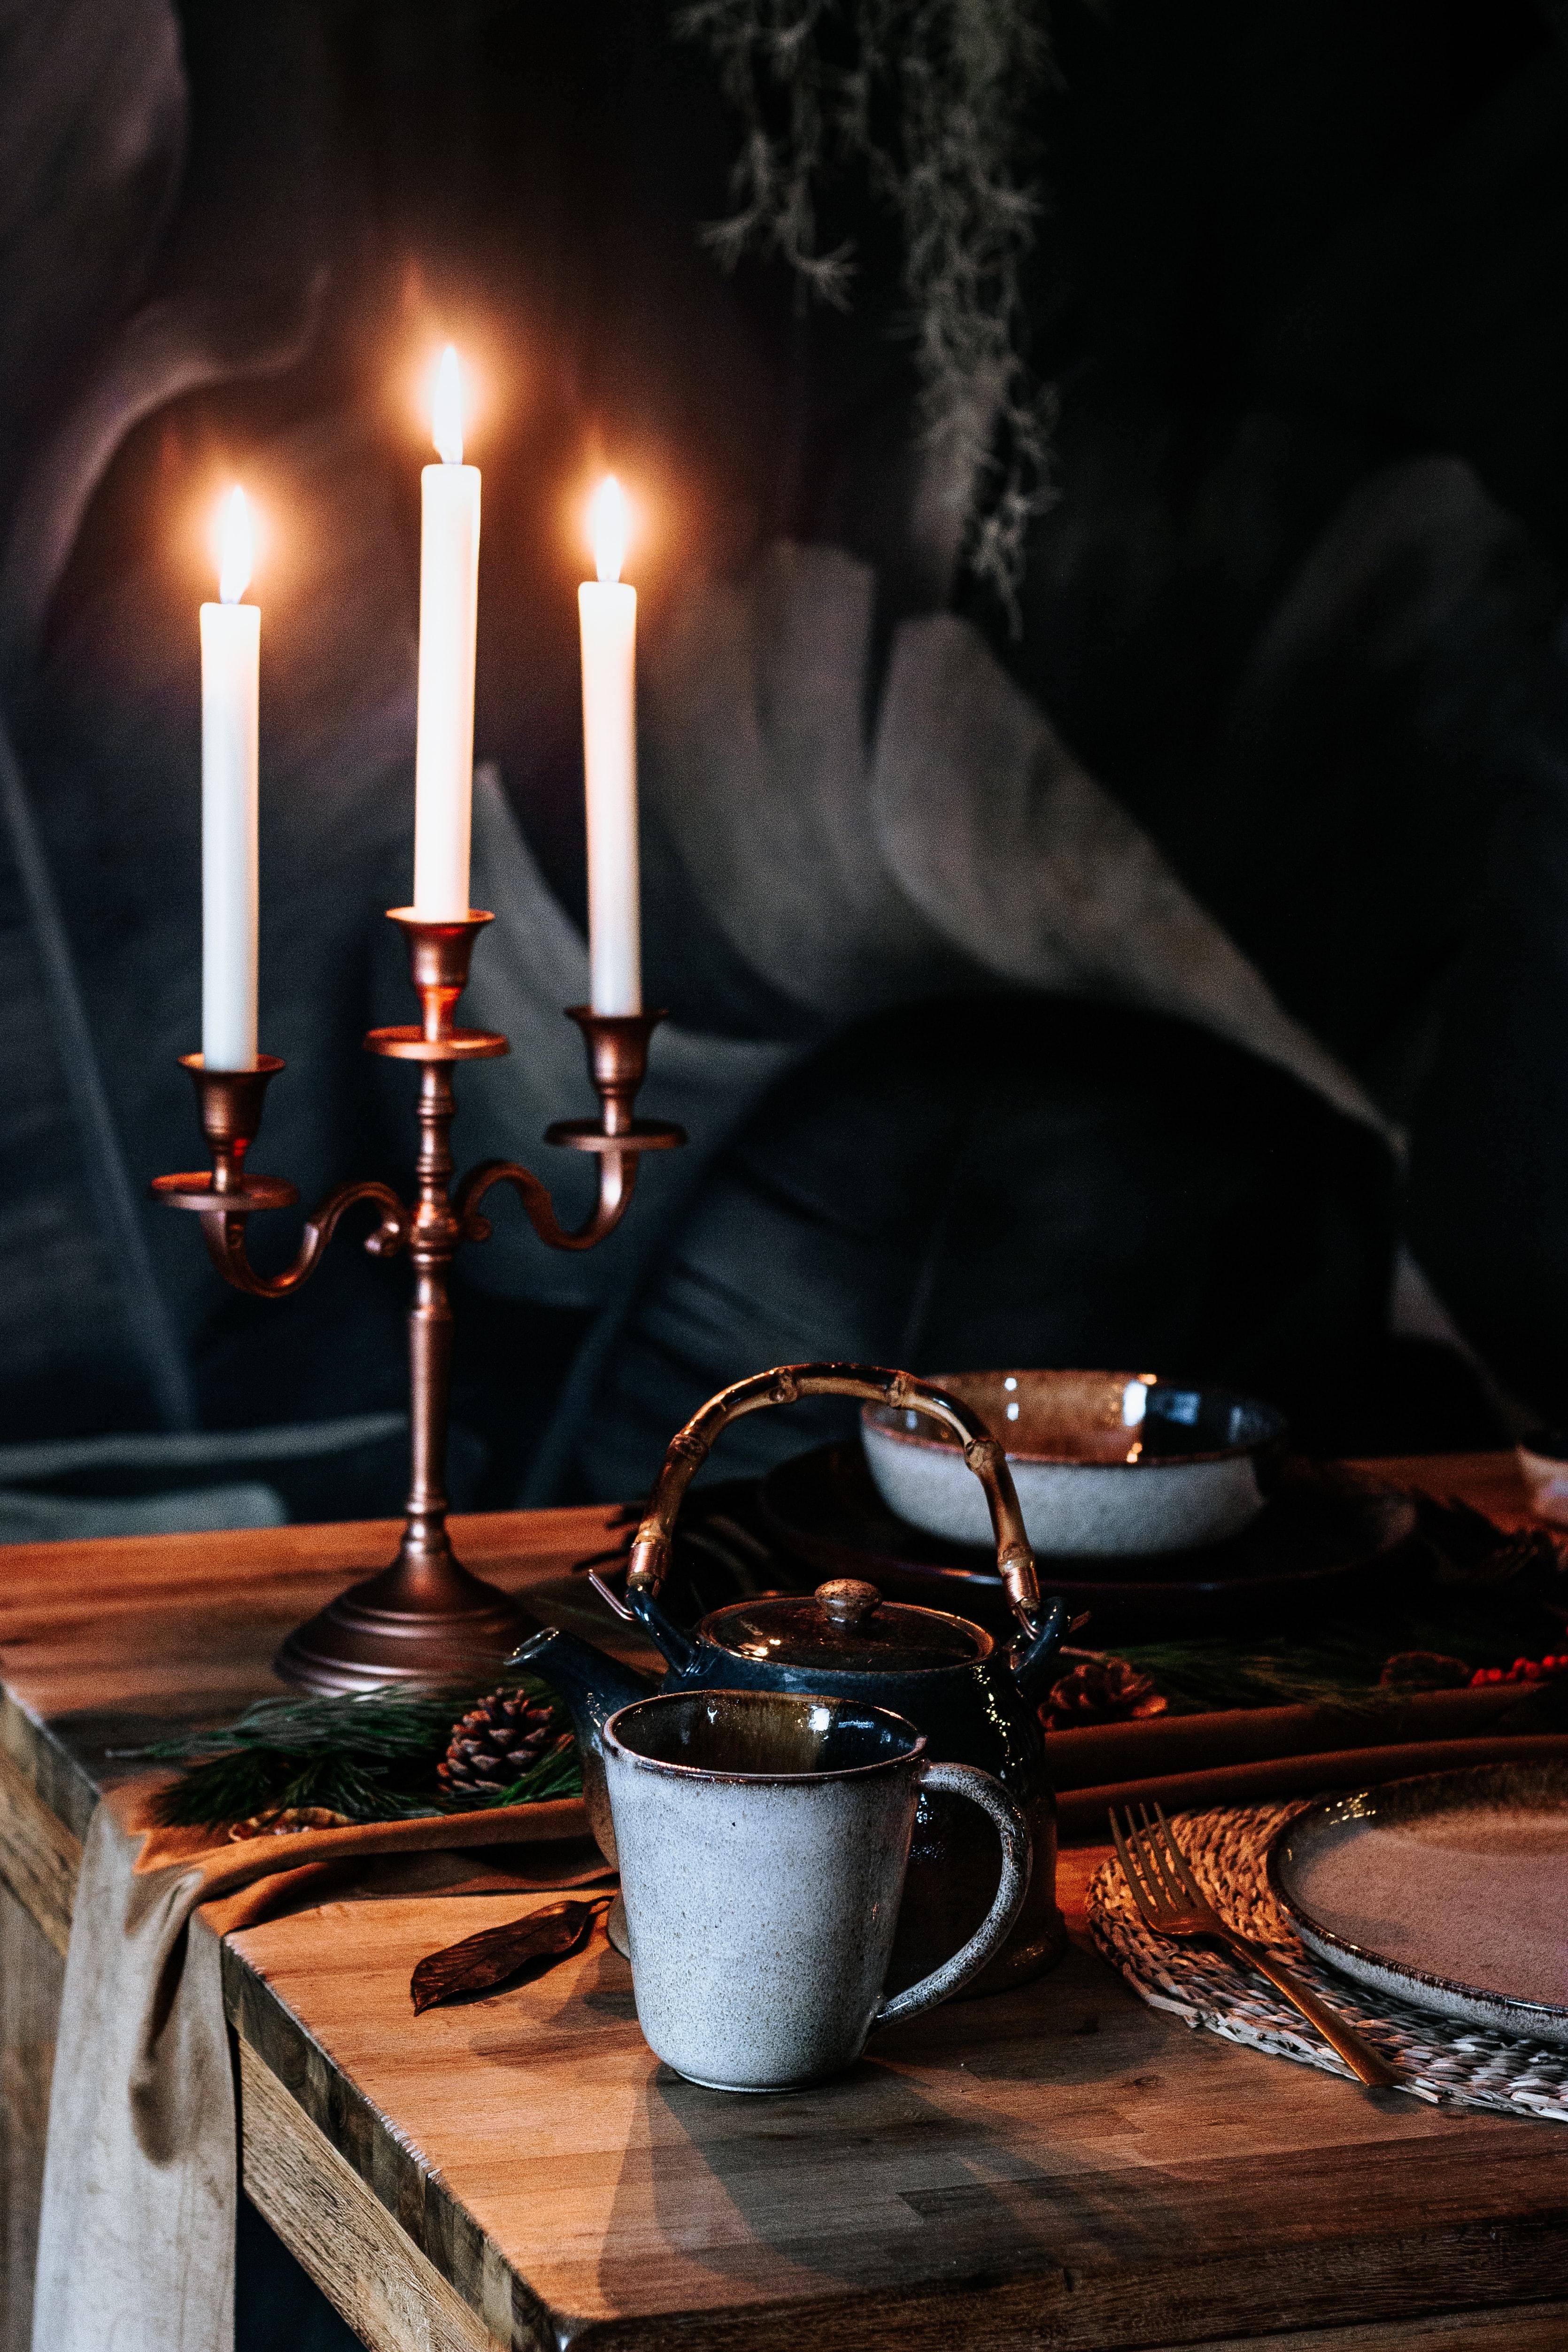 101073 Hintergrundbild herunterladen Kerzen, Verschiedenes, Sonstige, Eine Tasse, Tasse, Tisch, Tabelle, Teekanne, Wasserkocher - Bildschirmschoner und Bilder kostenlos